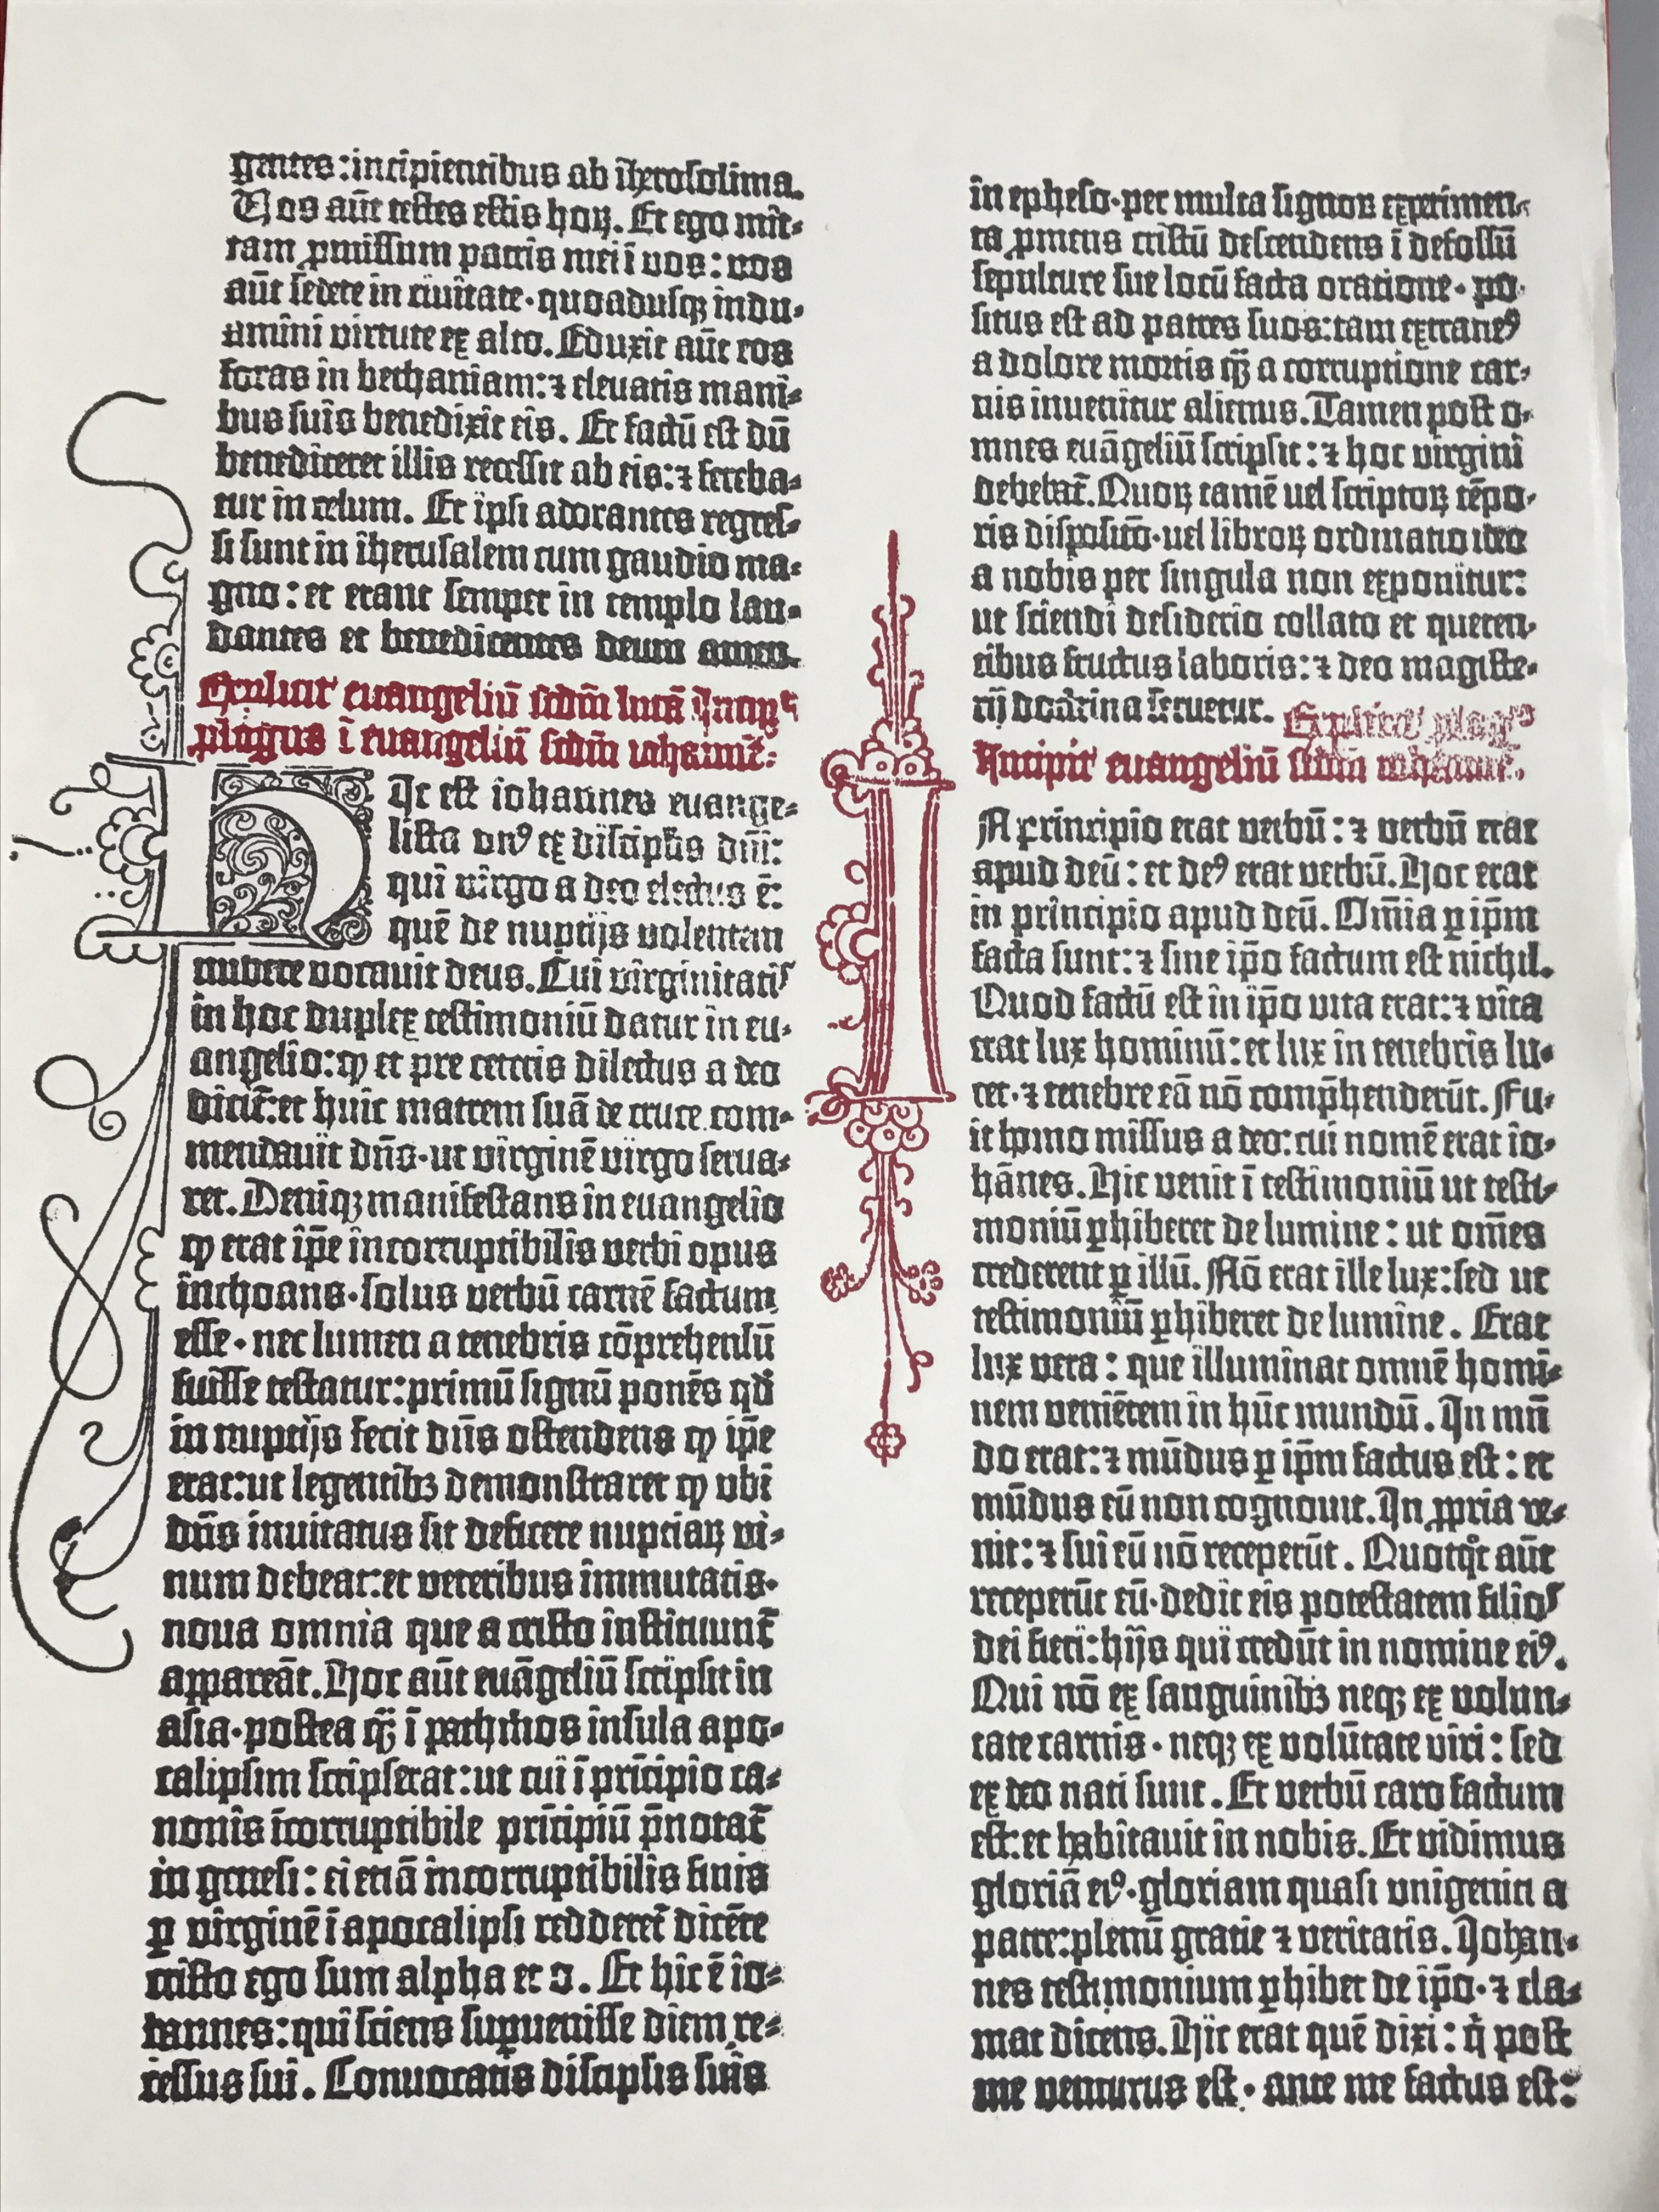 stampa bibbia Colori a Campione Prodotti Chimici arti Grafiche Rulli da stampa rulli industriali Fornitura inchiostri e vernici Fornitura consumabili arti grafiche